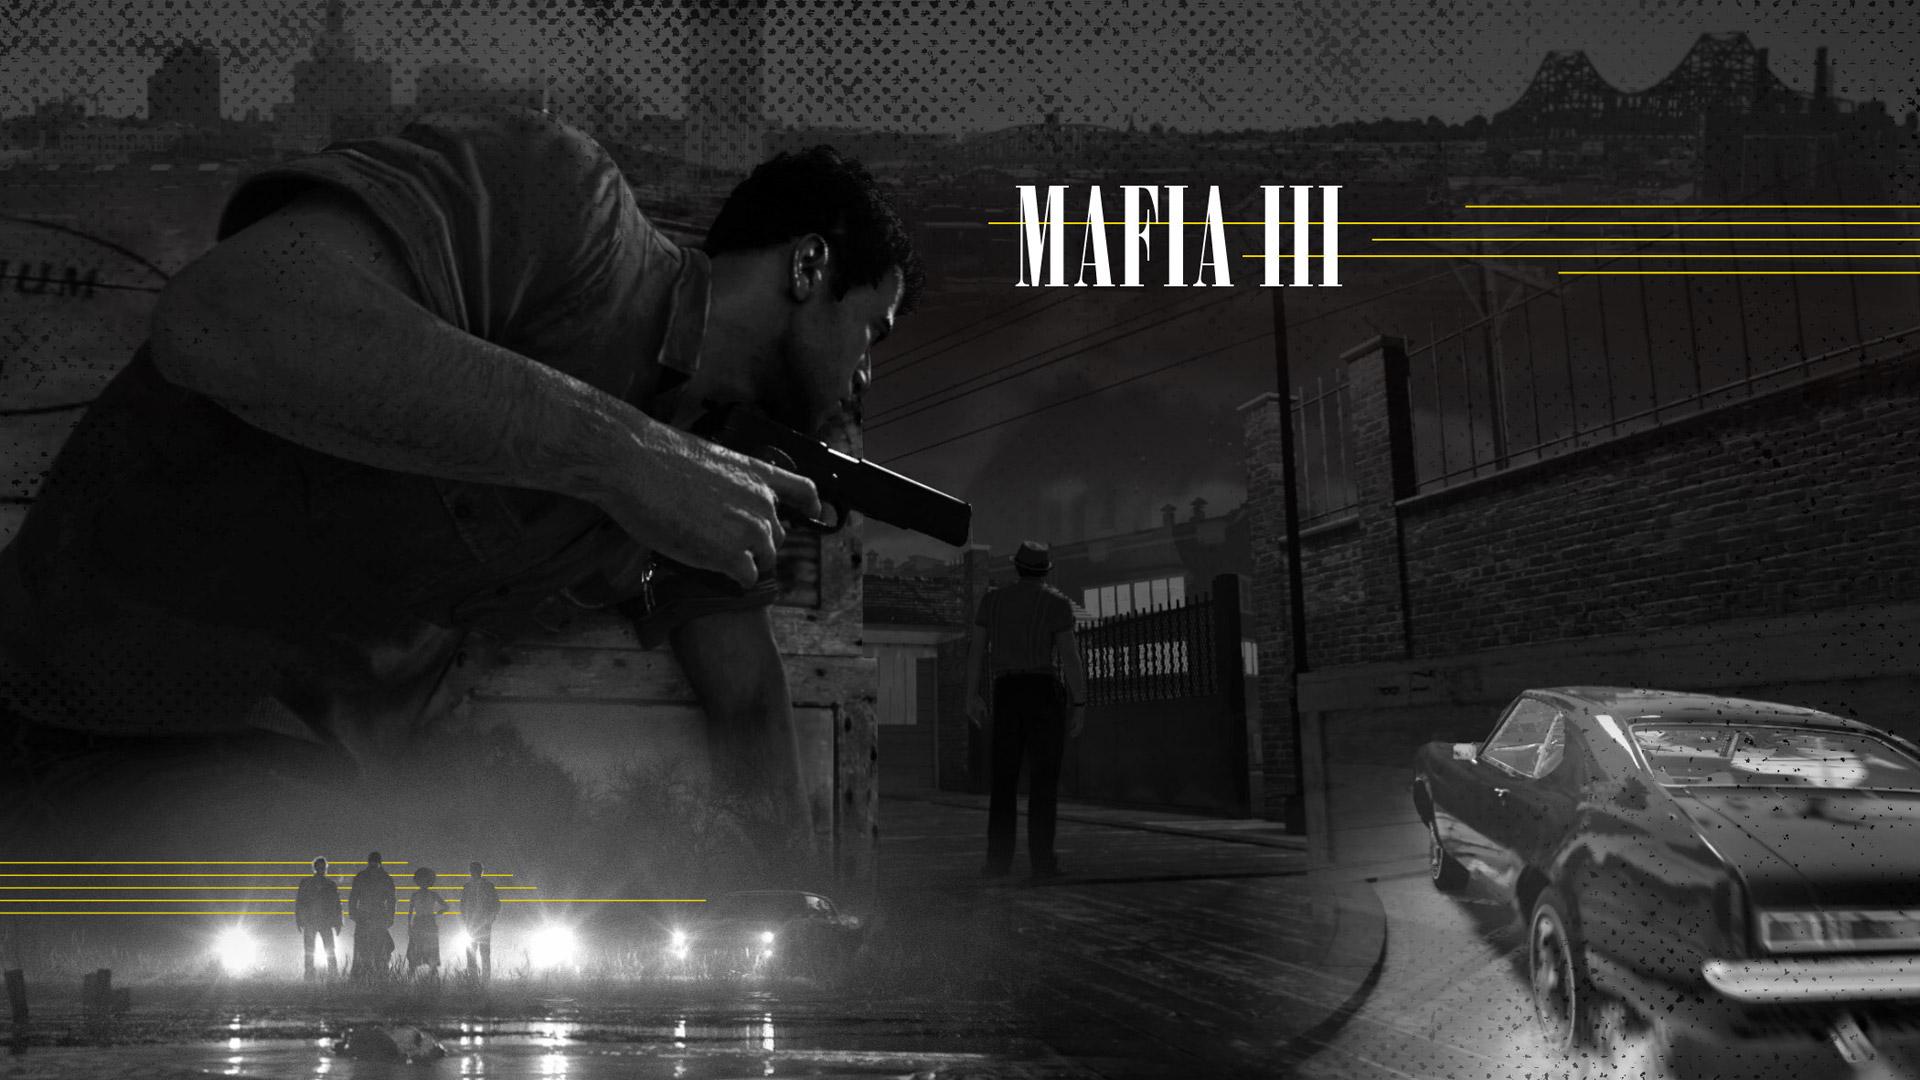 Mafia 3 wallpaper 3